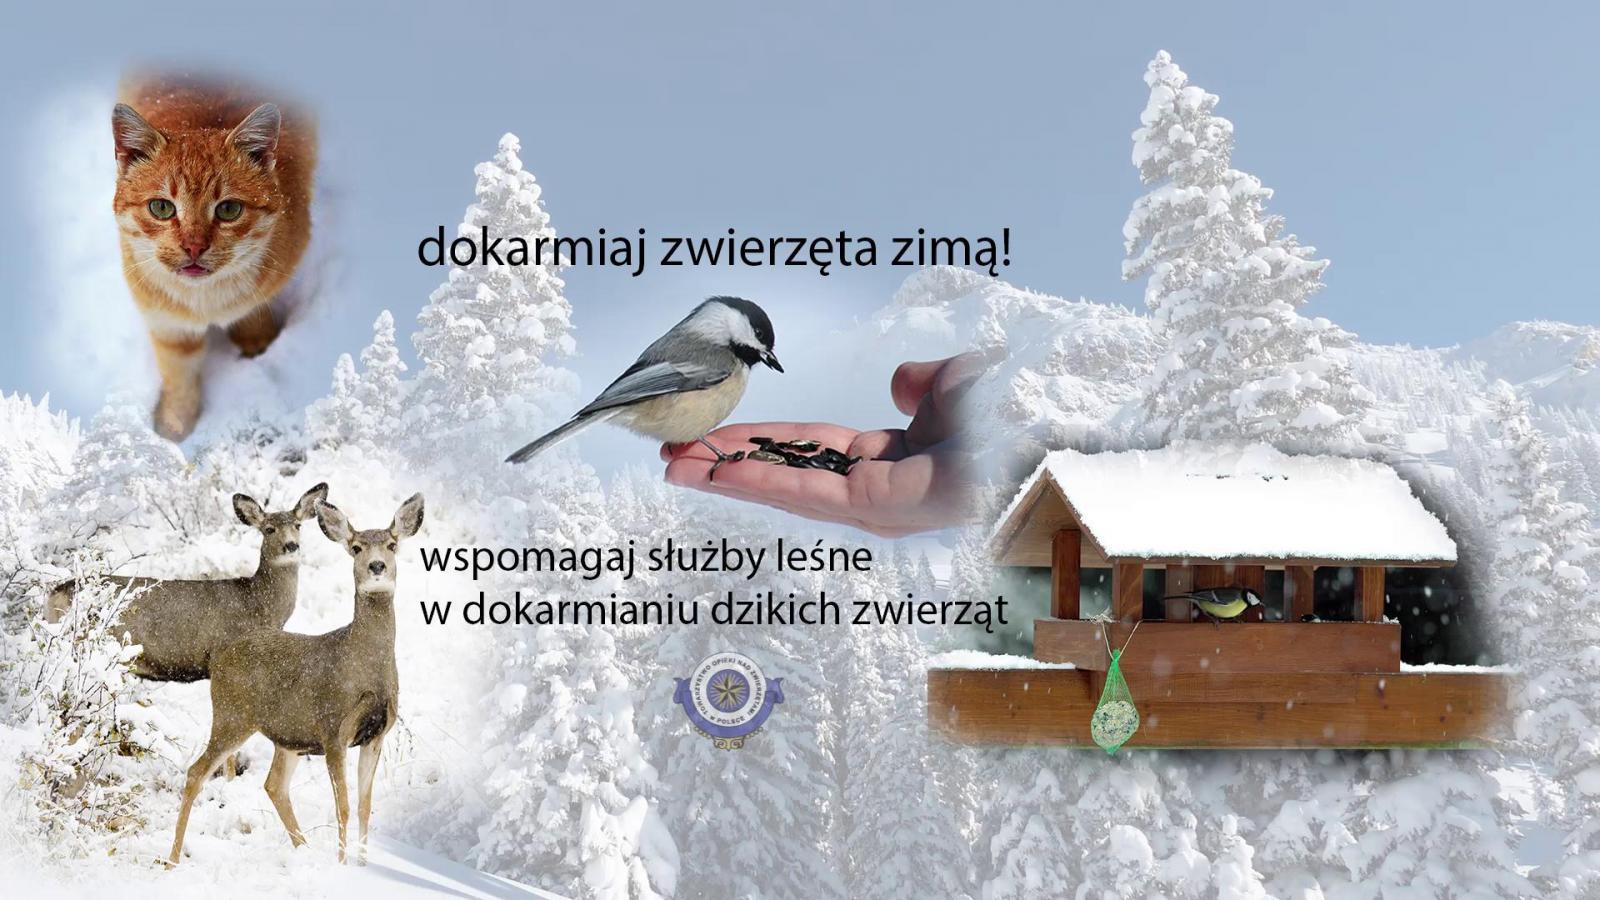 pomóż zwierzętom przetrwać zimę